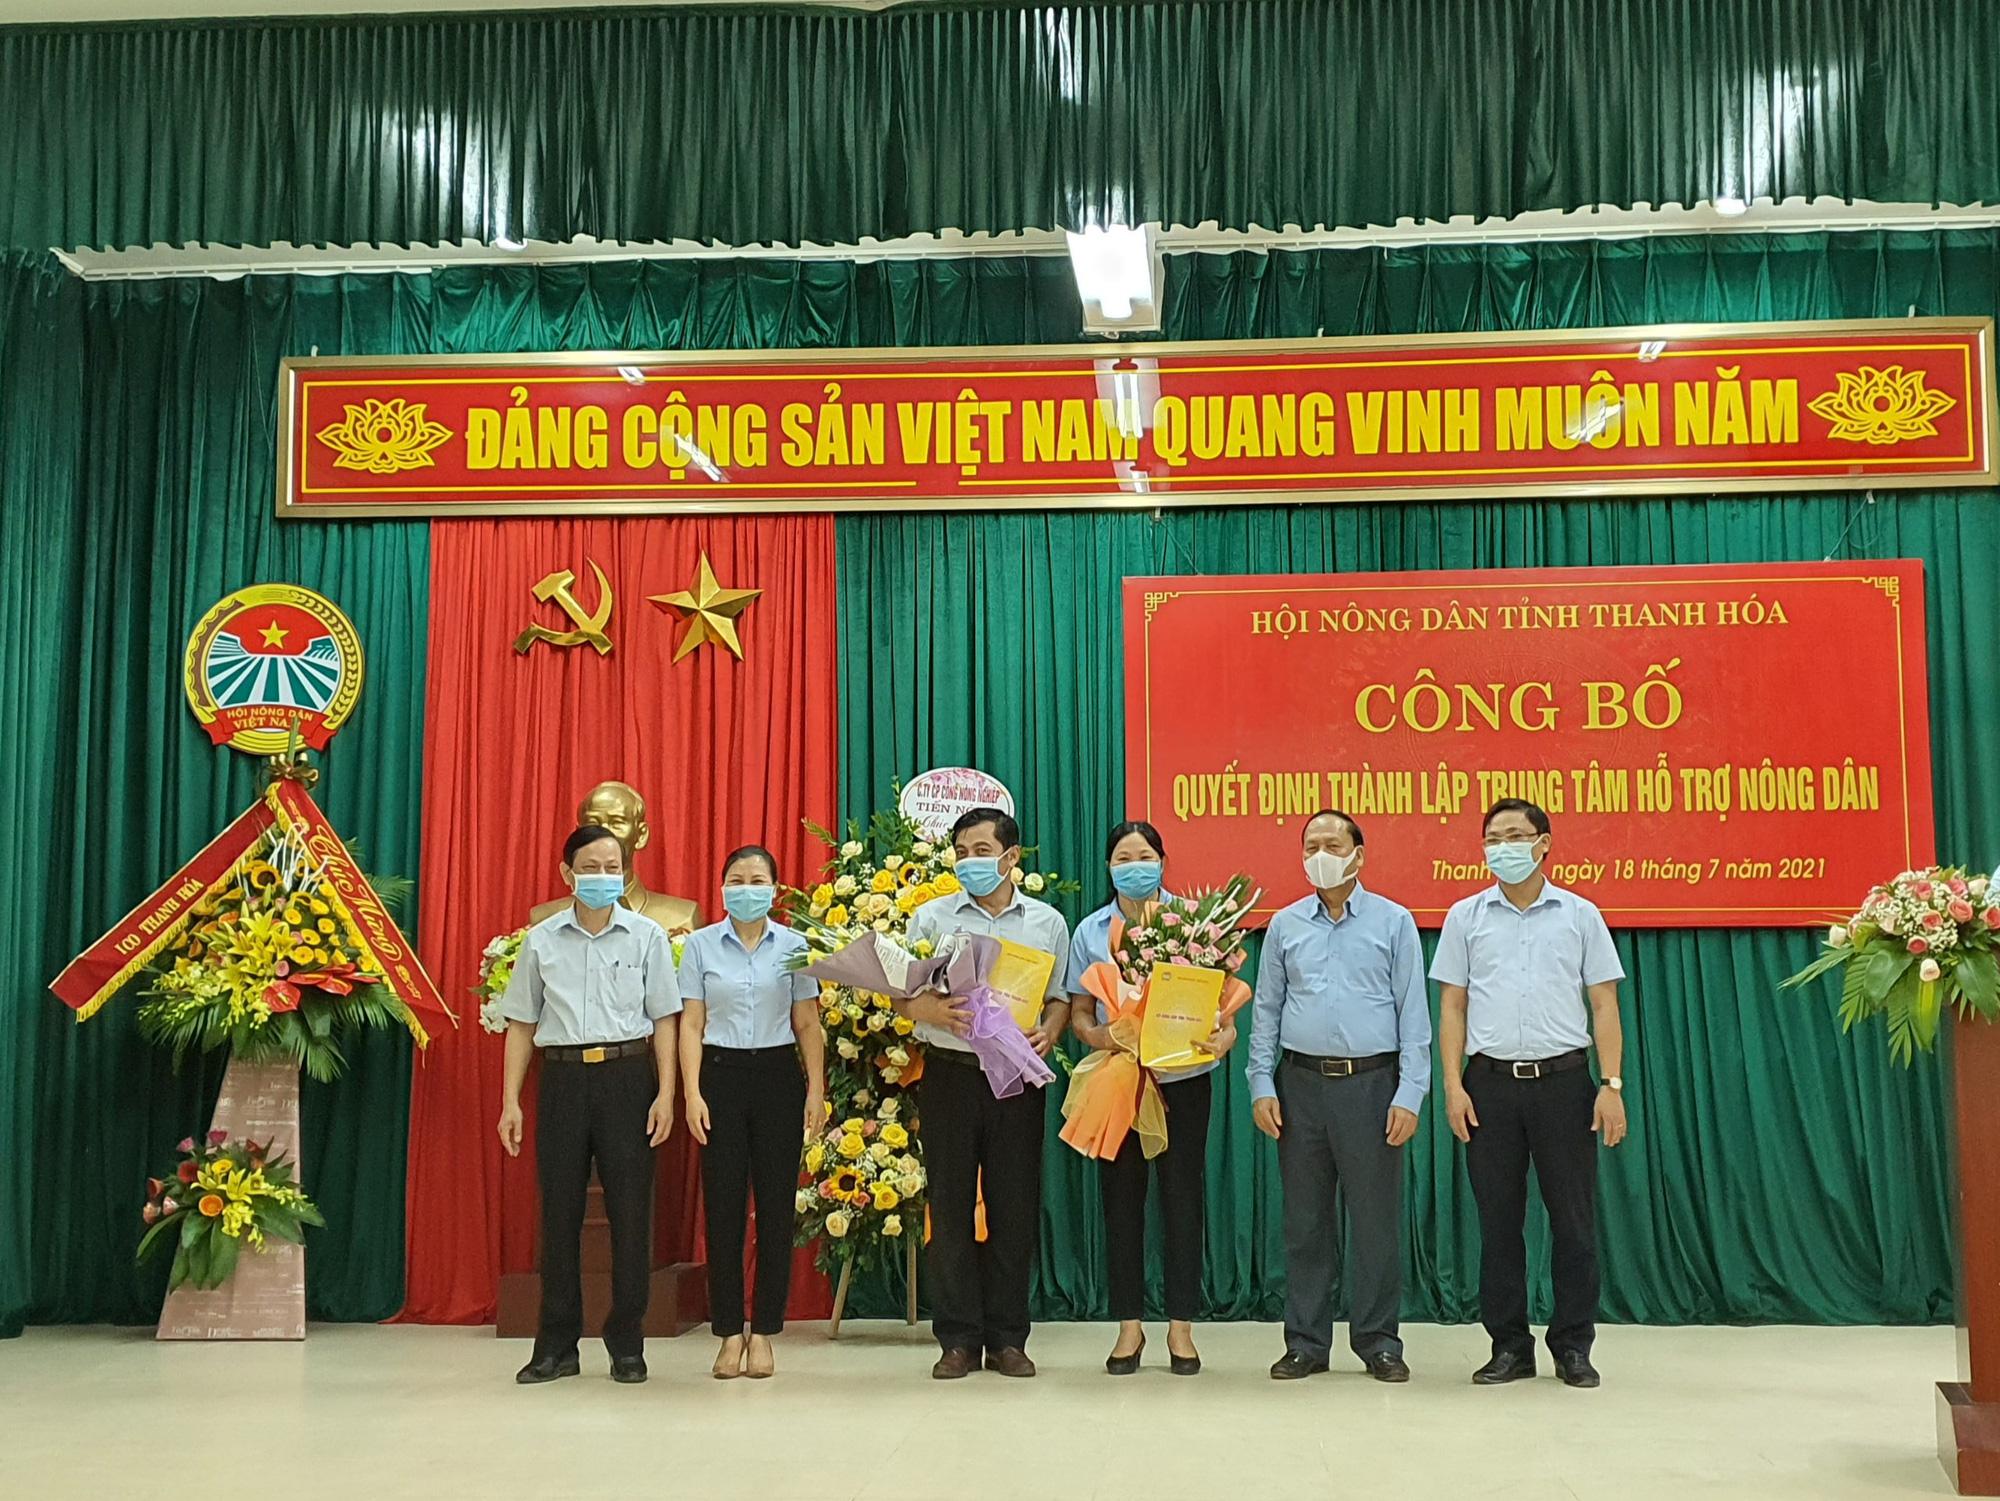 Tỉnh Thanh Hóa thành lập Trung tâm Hỗ trợ nông dân - Ảnh 1.